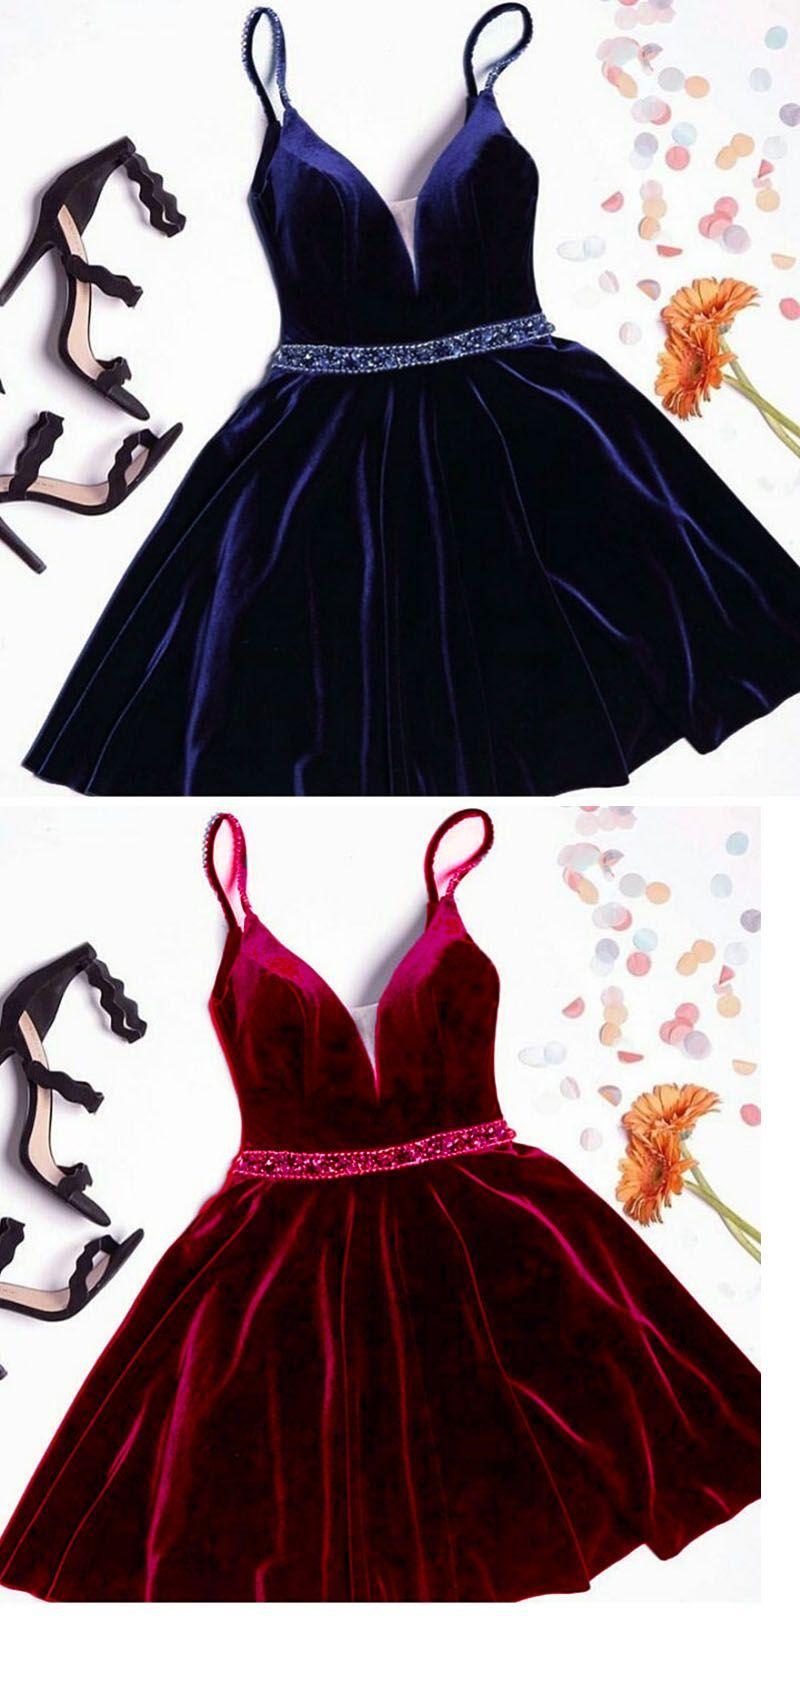 Velvet prom short cocktail dress with spaghetti straps beading belt